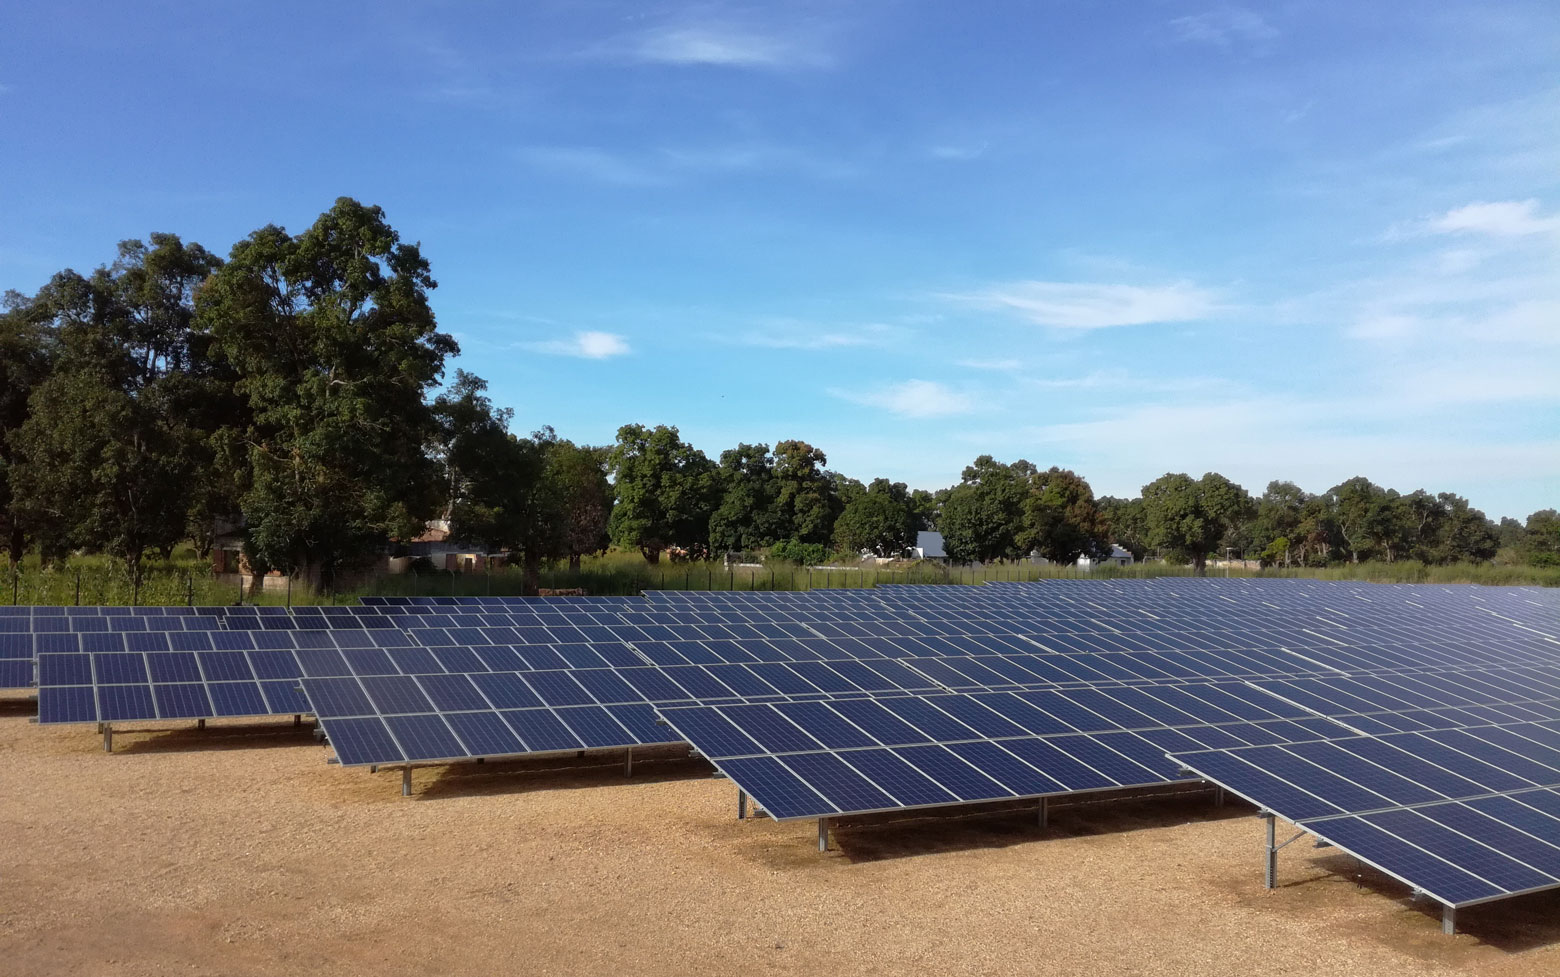 Panneaux solaires, Manono, République Démocratique du Congo